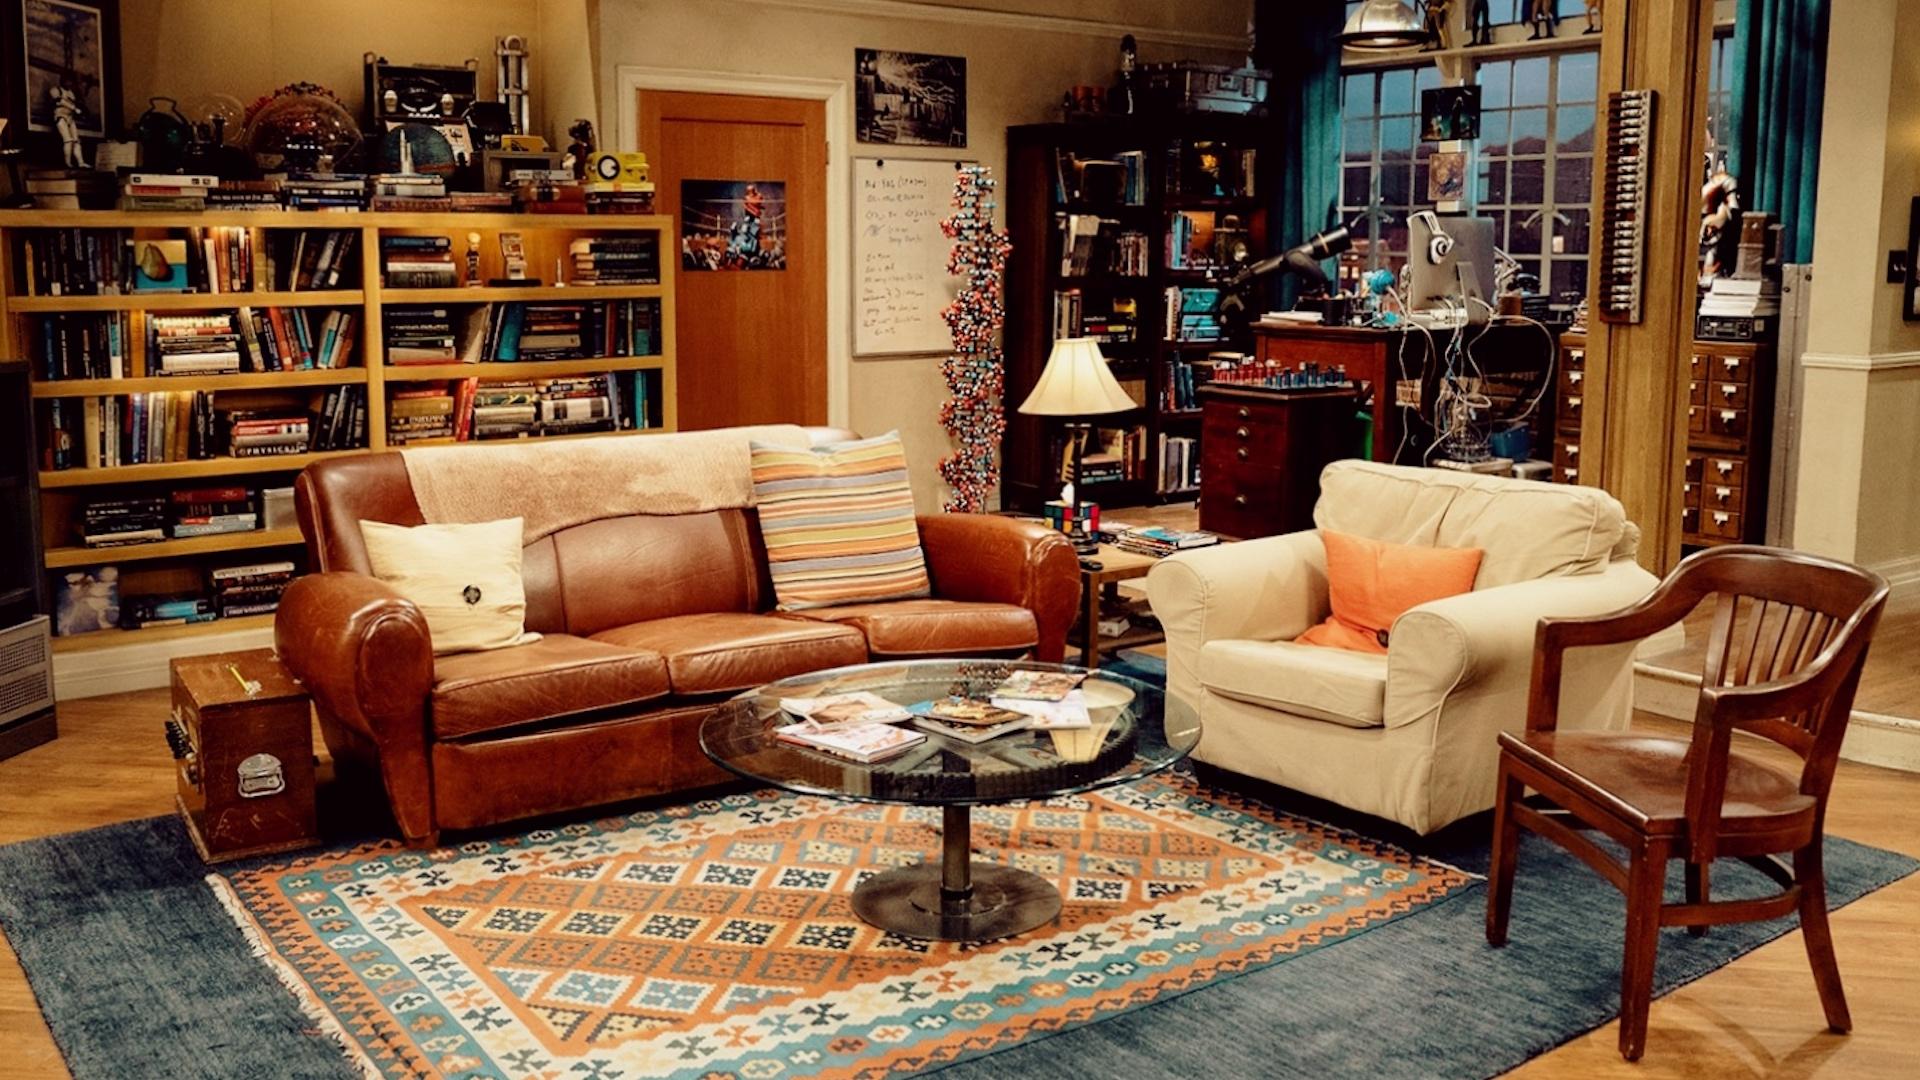 El nuevo tour para visitar los estudios de la serie The Big Bang Theory